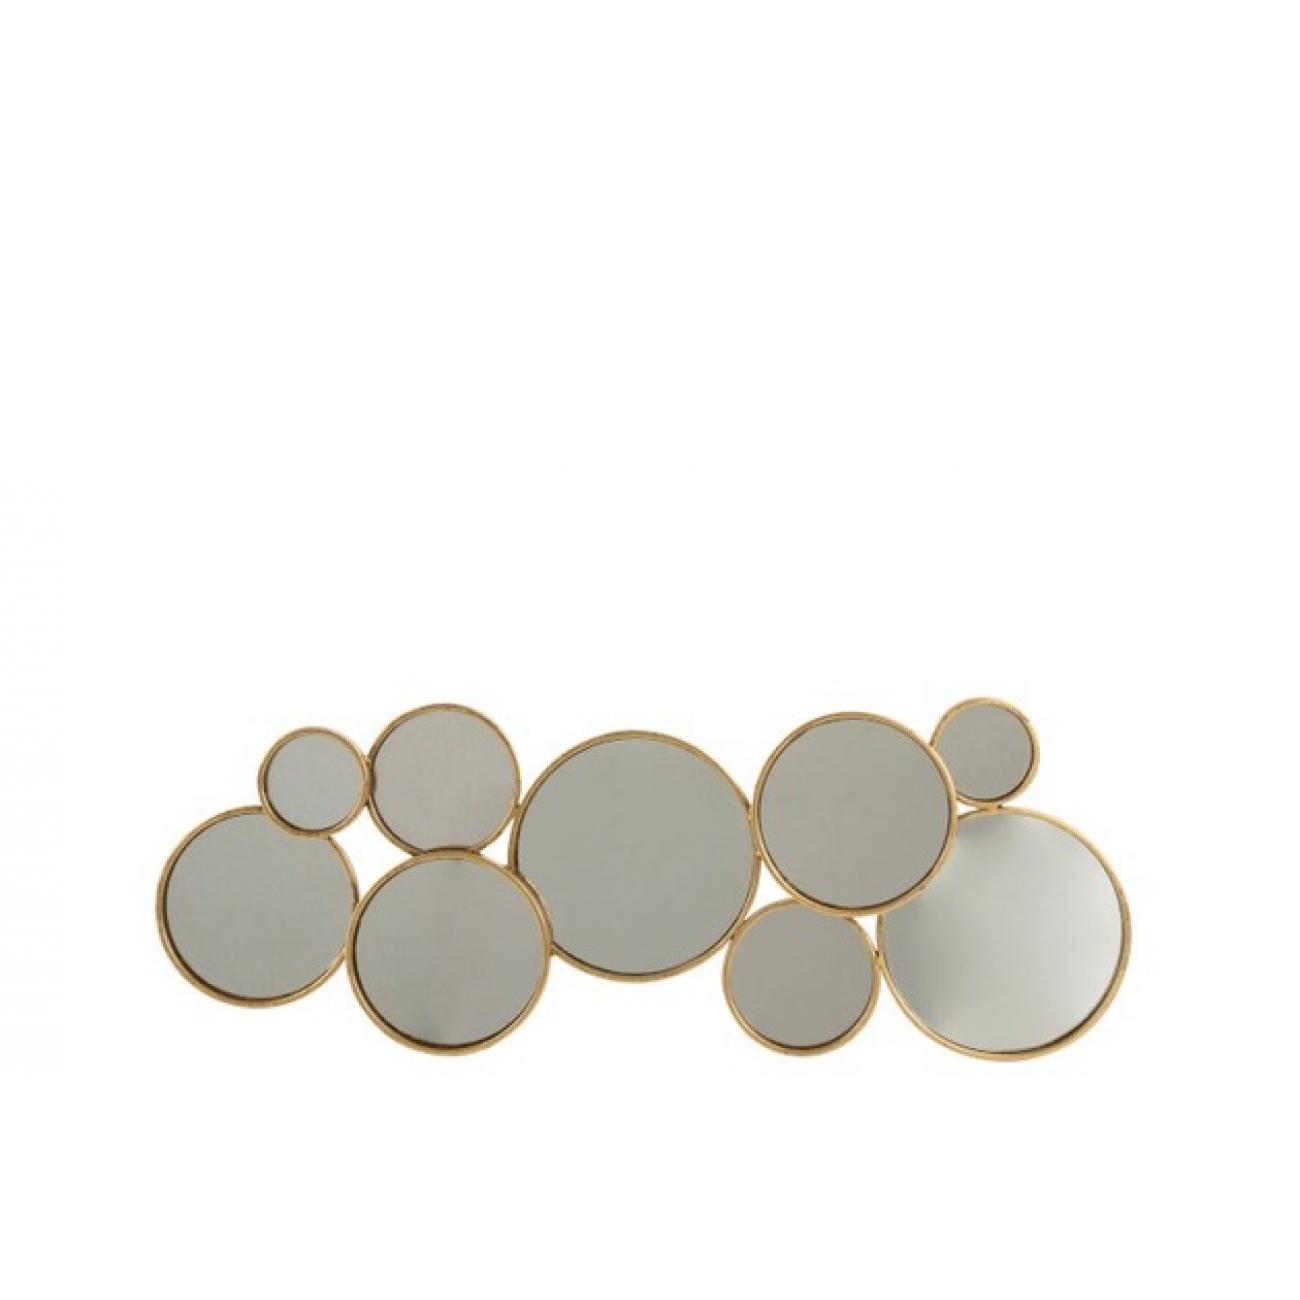 Зеркало J-LINE настенное фигурное в виде девяти кругов в золотой металлической раме Бельгия